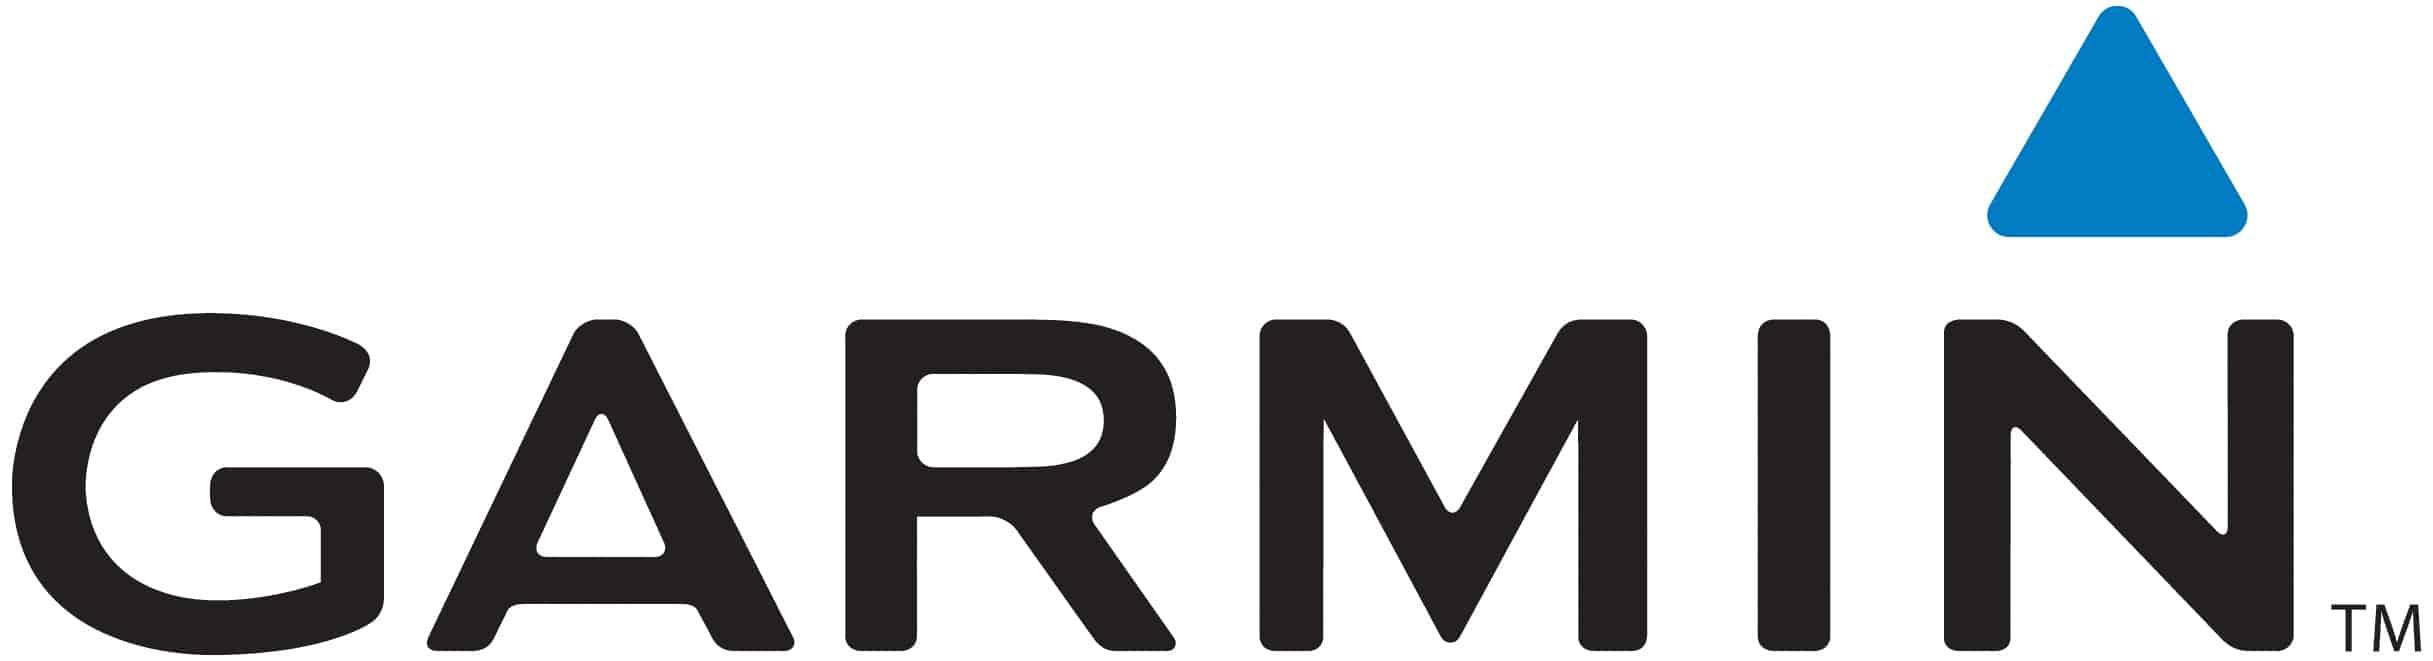 Thông báo ngưng sản xuất một số máy định vị GPS từ hãng Garmin